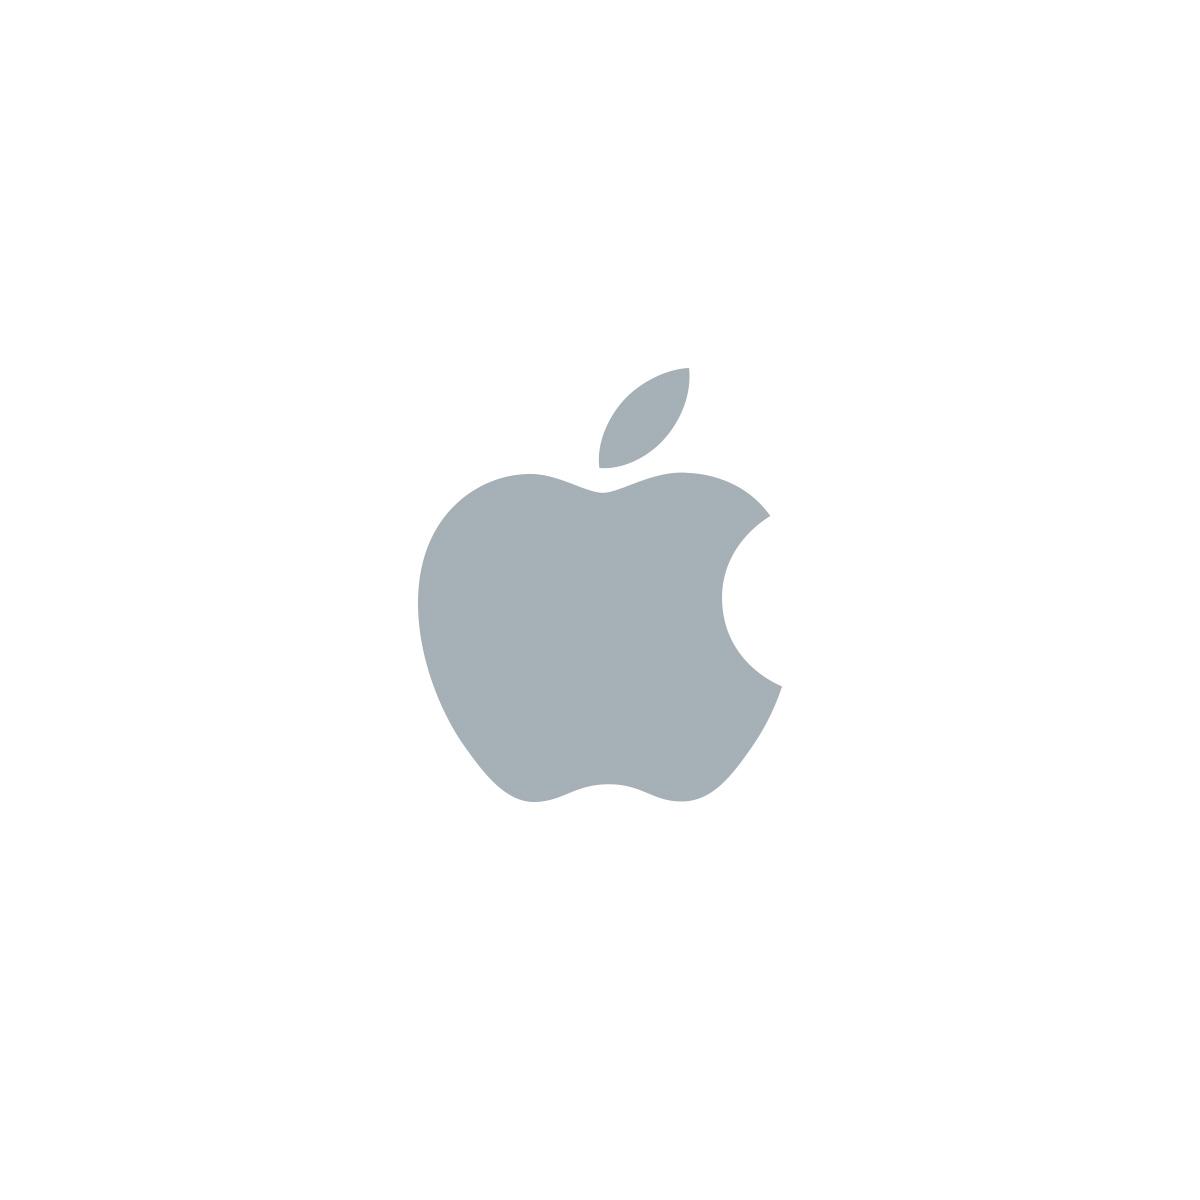 iPhoneかAndroidか